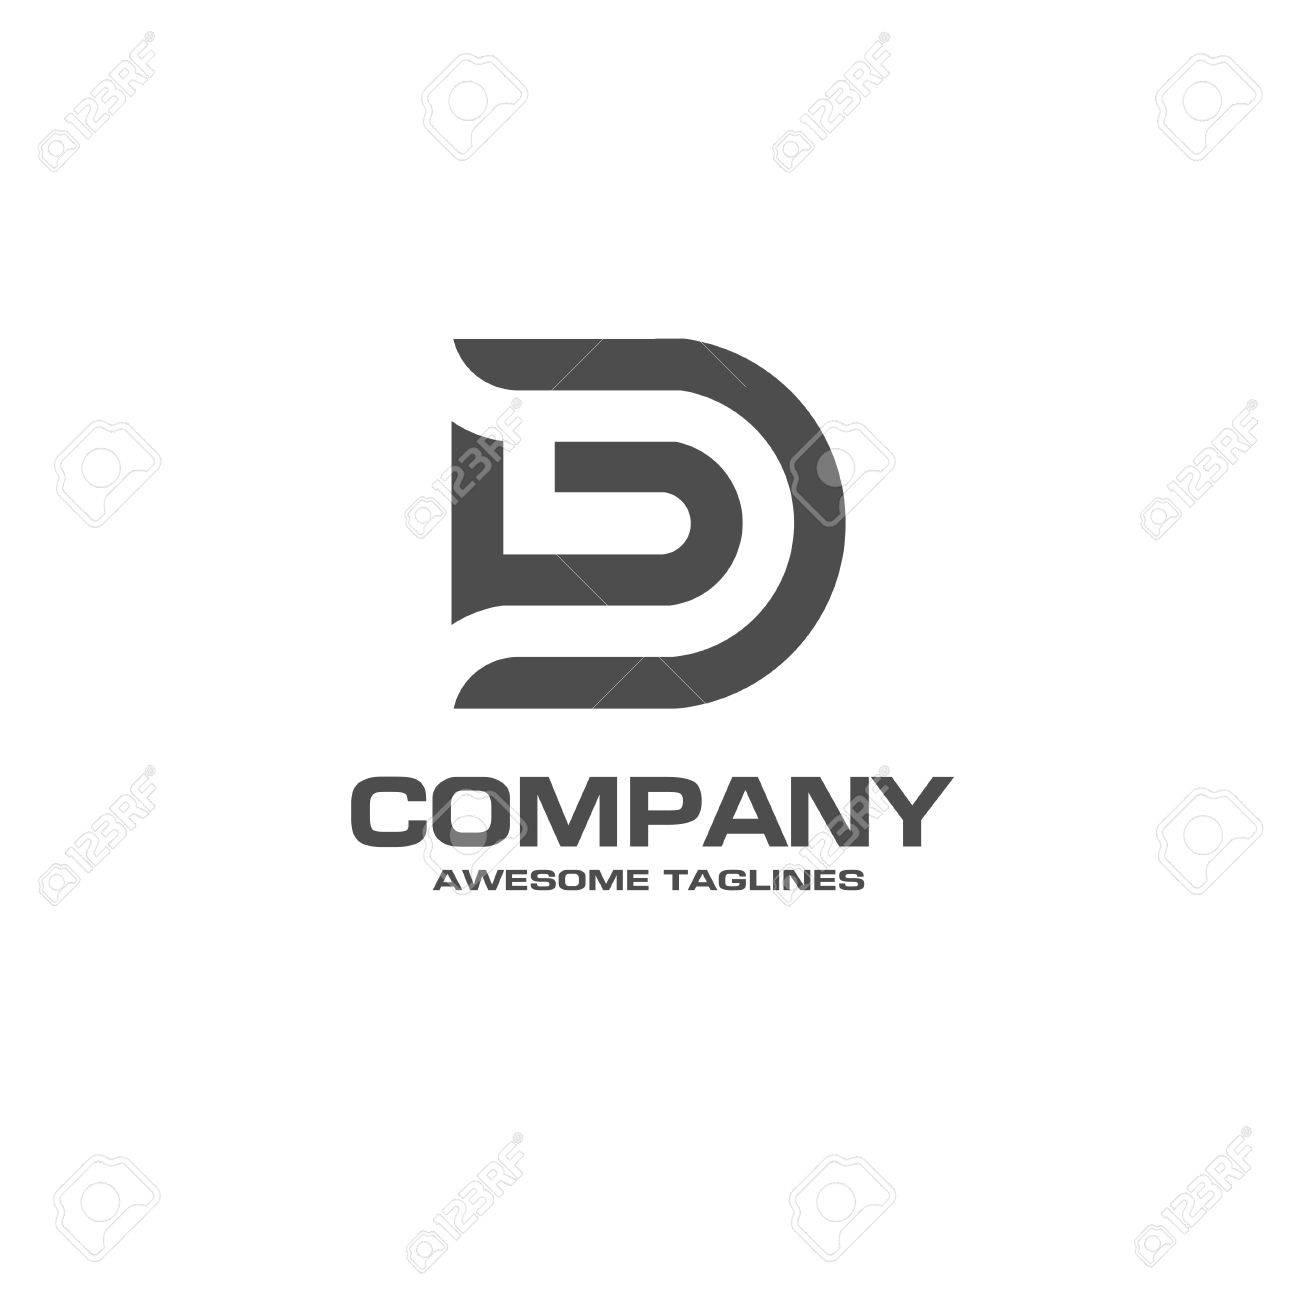 13439176527b Creativa letra D logotipo. Plantilla de diseño de logotipo de la empresa  abstracta. plantilla